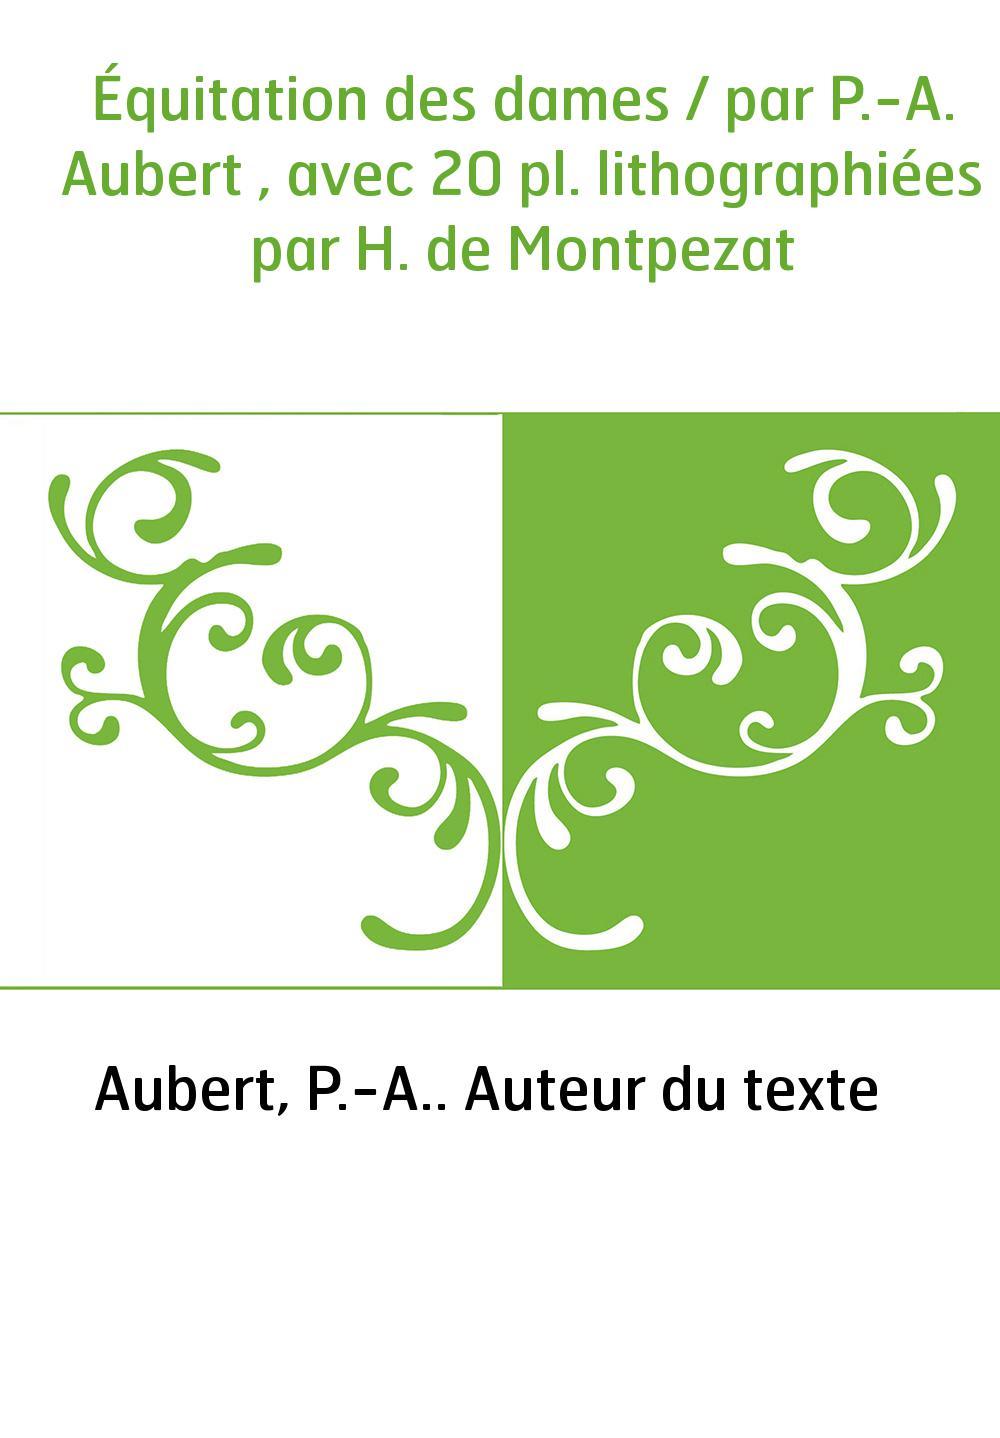 Équitation des dames / par P.-A. Aubert , avec 20 pl. lithographiées par H. de Montpezat